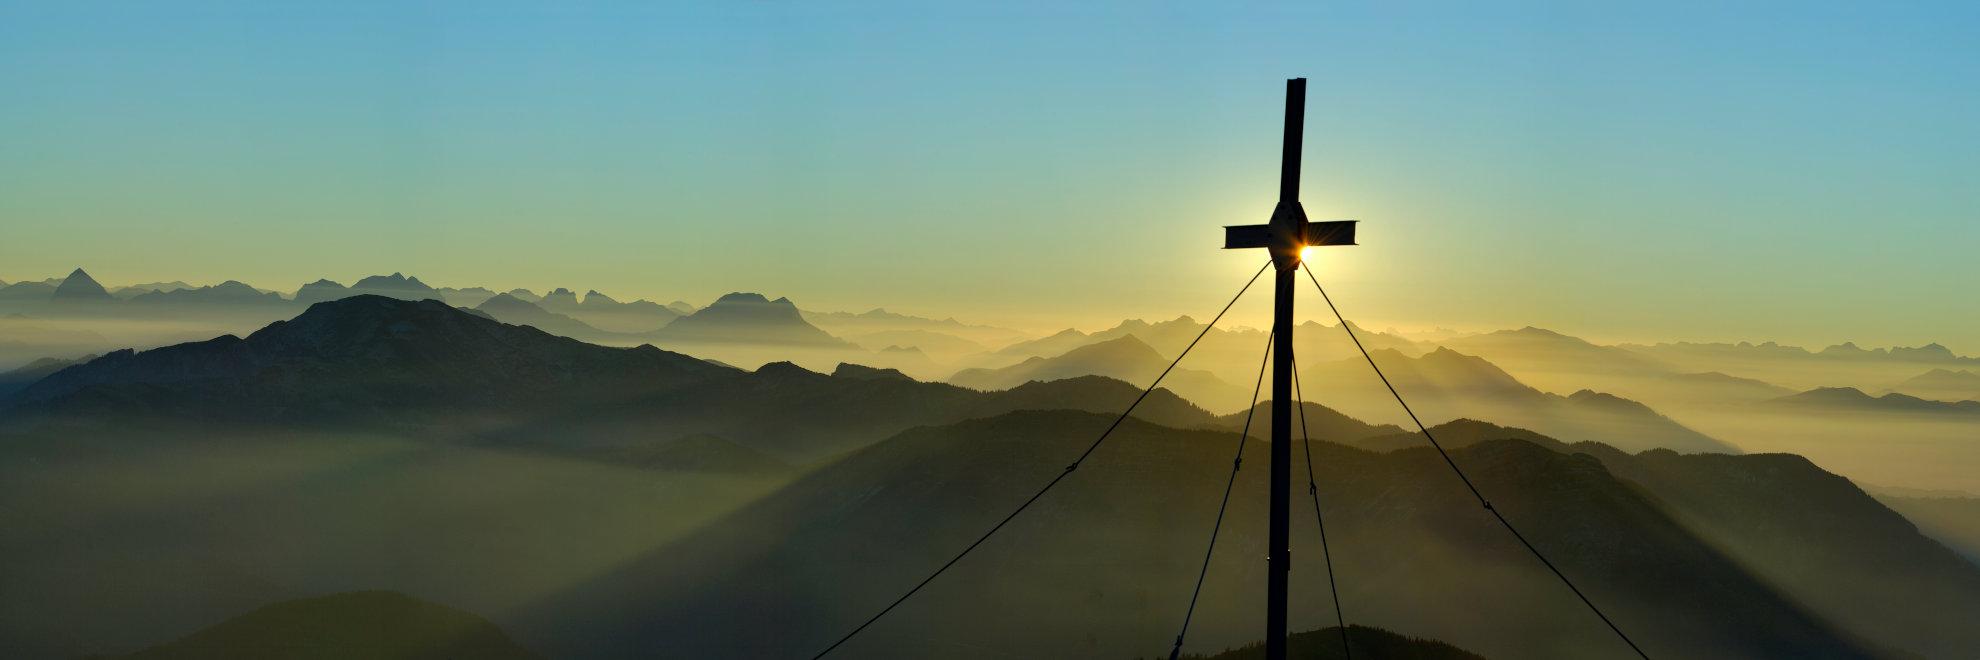 Gipfelkreut bei Sonnenuntergang, Begleitung von Unternehmen um Alltag